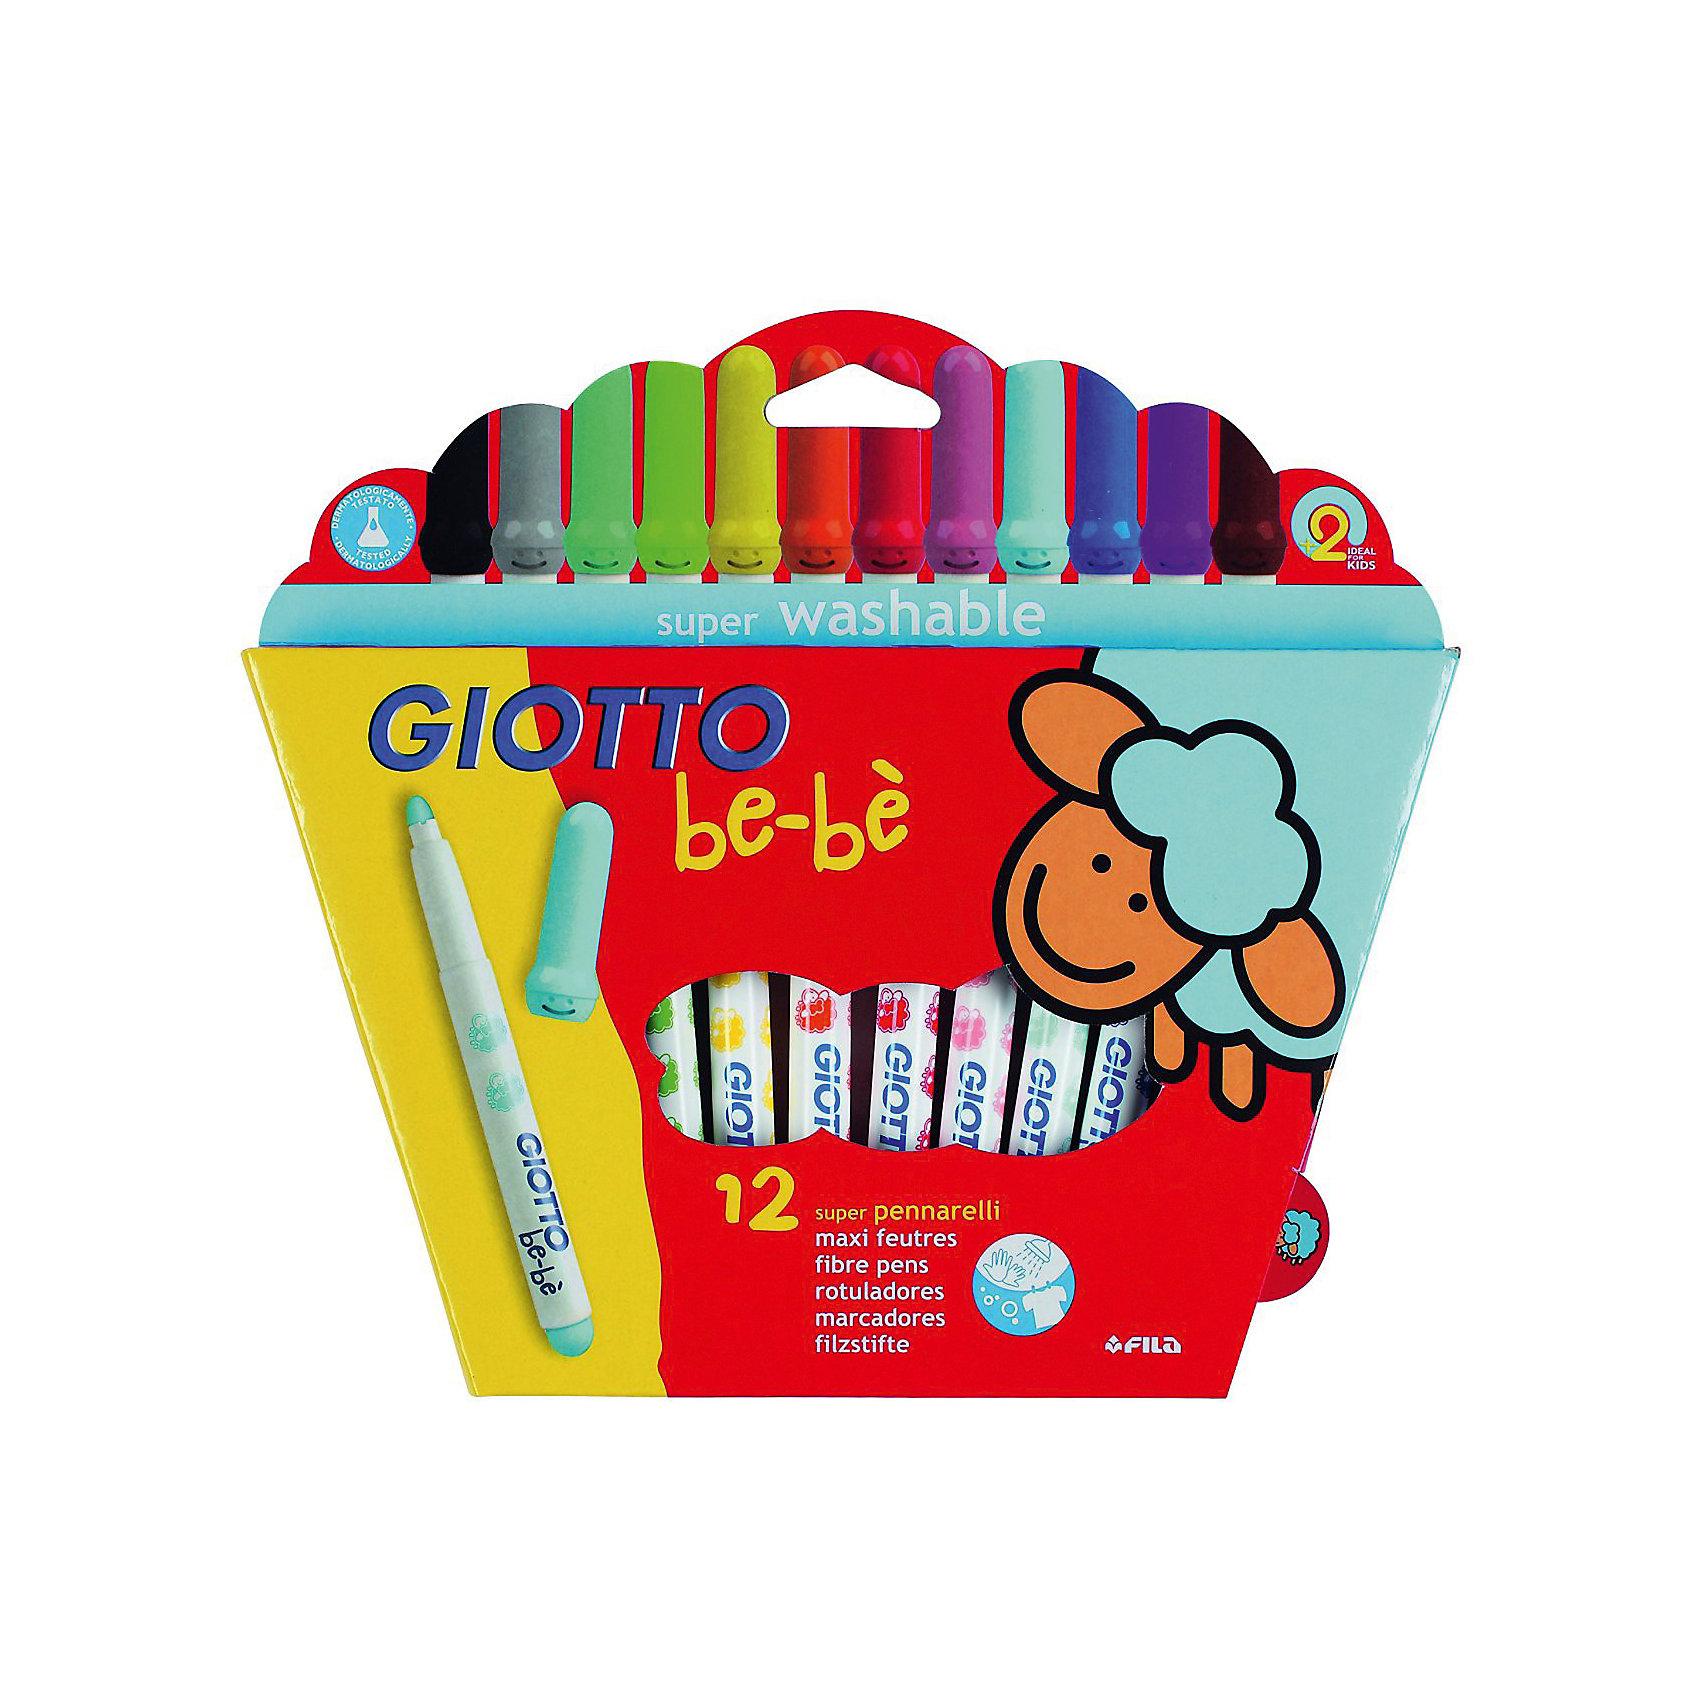 Детские утолщенные фломастеры на водной основе, 12 шт.Фломастеры<br>Характеристики товара:<br><br>• в комплекте: 12 фломастеров (12 цветов);<br>• размер упаковки: 23х17,5х2 см;<br>• вес: 250 грамм;<br>• материал: пластик;<br>• возраст: от 2 лет.<br><br>Giotto BEBE Super Fibre Pens - цветные фломастеры, изготовленные на водной основе с натуральными компонентами, не вызывающими аллергии. Утолщенный корпус фломастеров дополнен приятными рисунками, которые привлекут внимание юных художников. Пишущий узел имеет овальную форму. Он выдерживает сильное нажатие и не вдавливается внутрь фломастера. <br><br>Giotto (Джотто) BEBE Super Fibre Pens 12цв. Детские фломастеры с толстым стержнем можно купить в нашем интернет-магазине.<br><br>Ширина мм: 250<br>Глубина мм: 233<br>Высота мм: 25<br>Вес г: 239<br>Возраст от месяцев: 24<br>Возраст до месяцев: 72<br>Пол: Унисекс<br>Возраст: Детский<br>SKU: 1861021